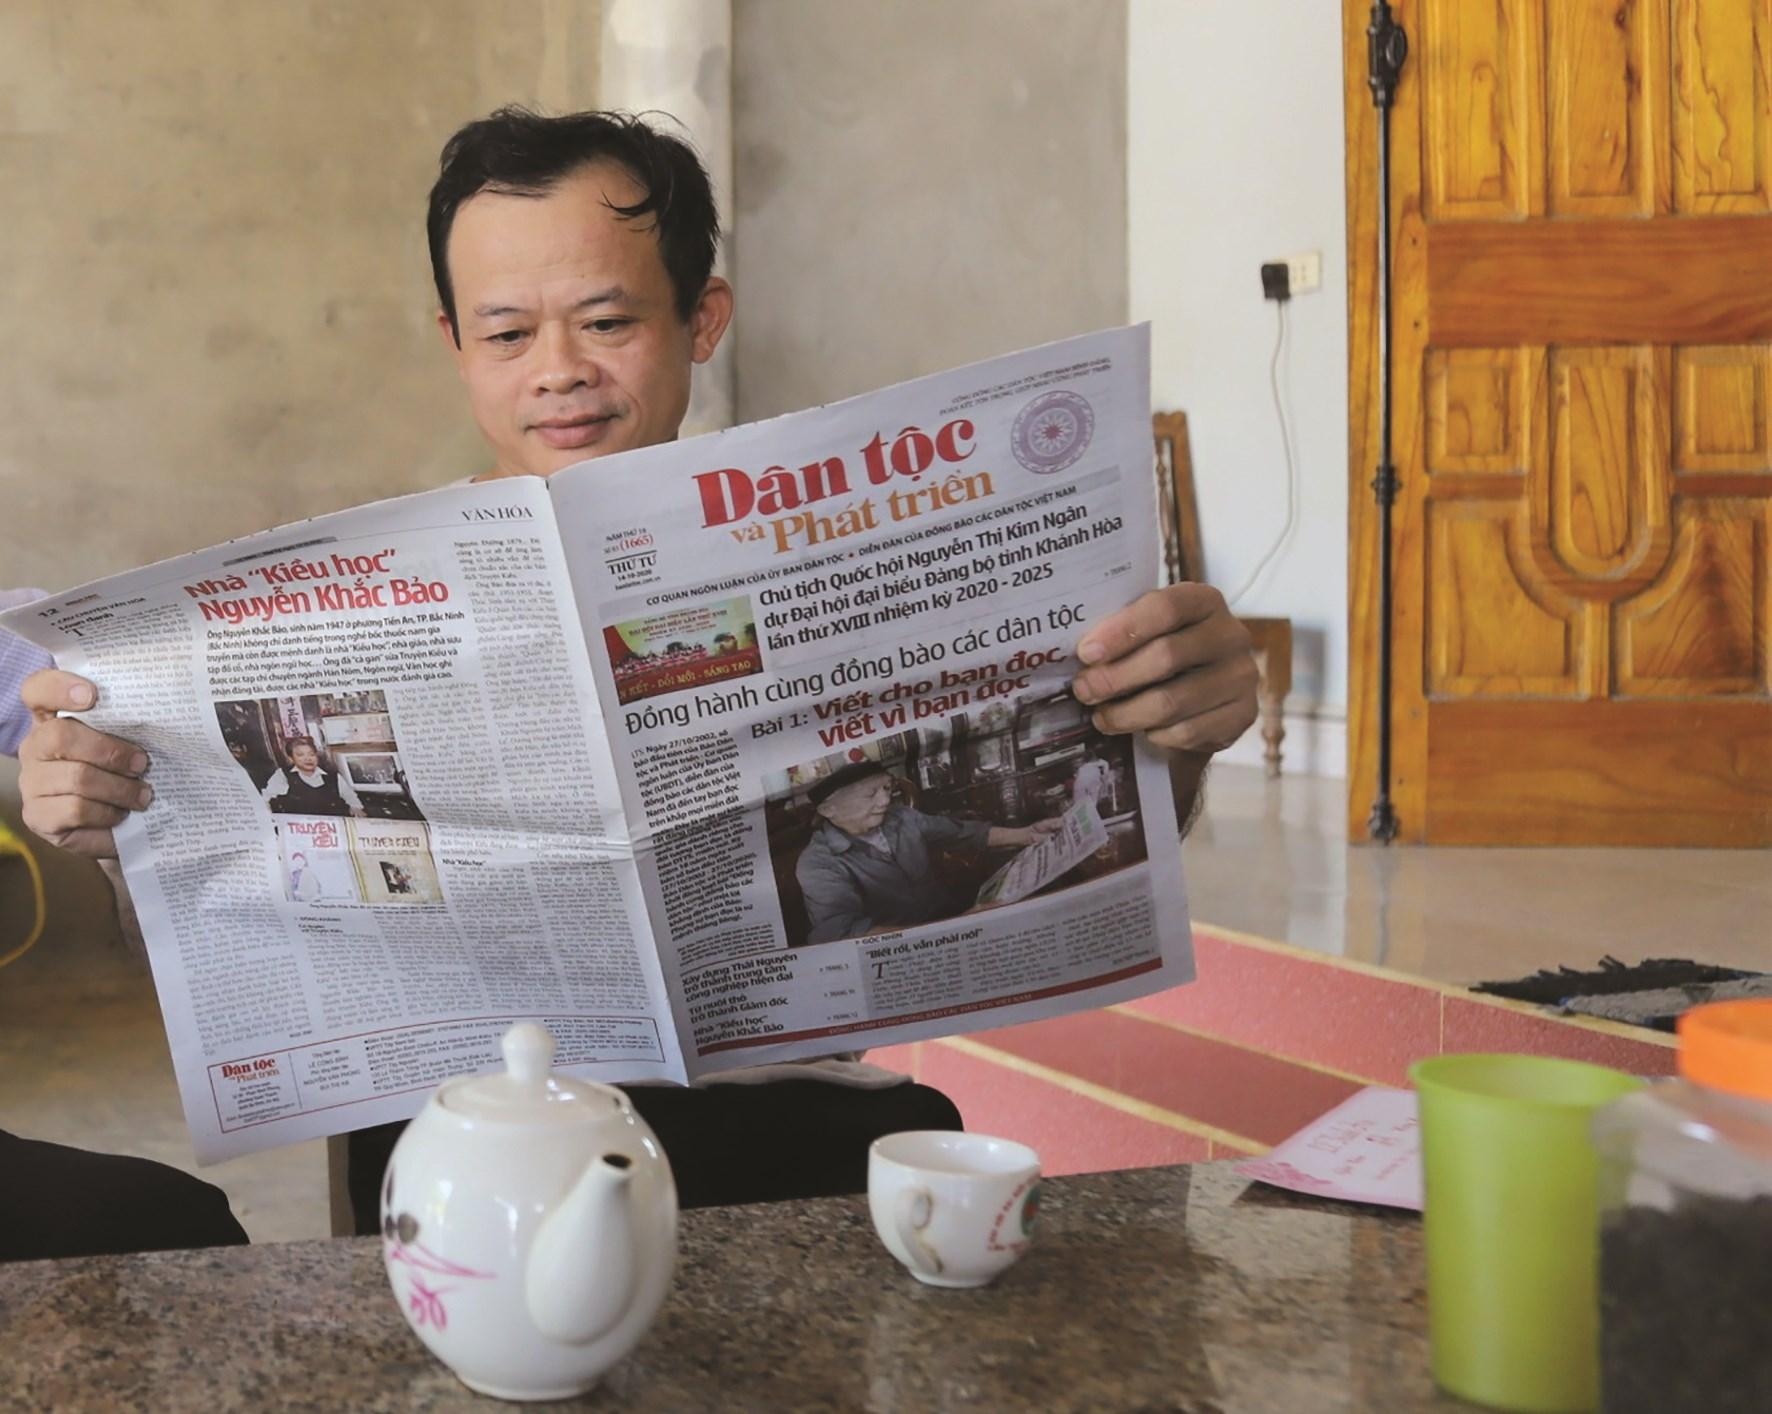 Báo Dân tộc và Phát triển là người bạn đồng hành với đồng bào các dân tộc. (Trong ảnh: Ông Bàn Văn Vân ở xã Thành Long, huyện Hàm Yên, Tuyên Quang đọc Báo Dân tộc và Phát triển. Ảnh: Mạnh Cường)